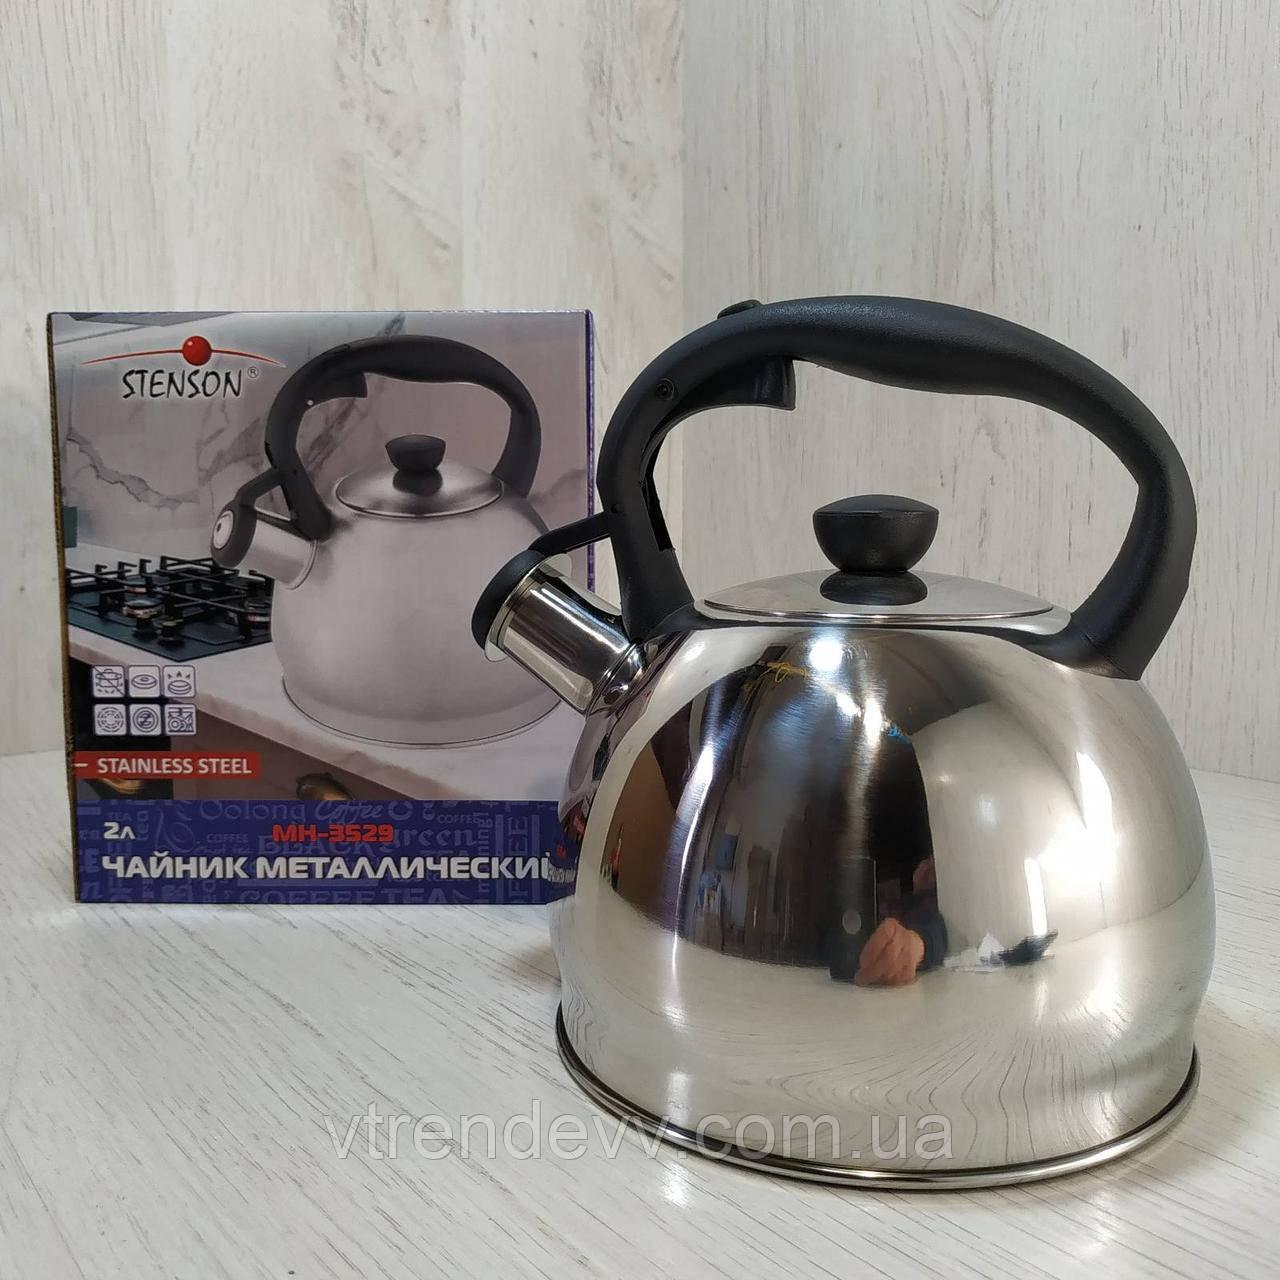 Чайник металевий Stenson MH-3529